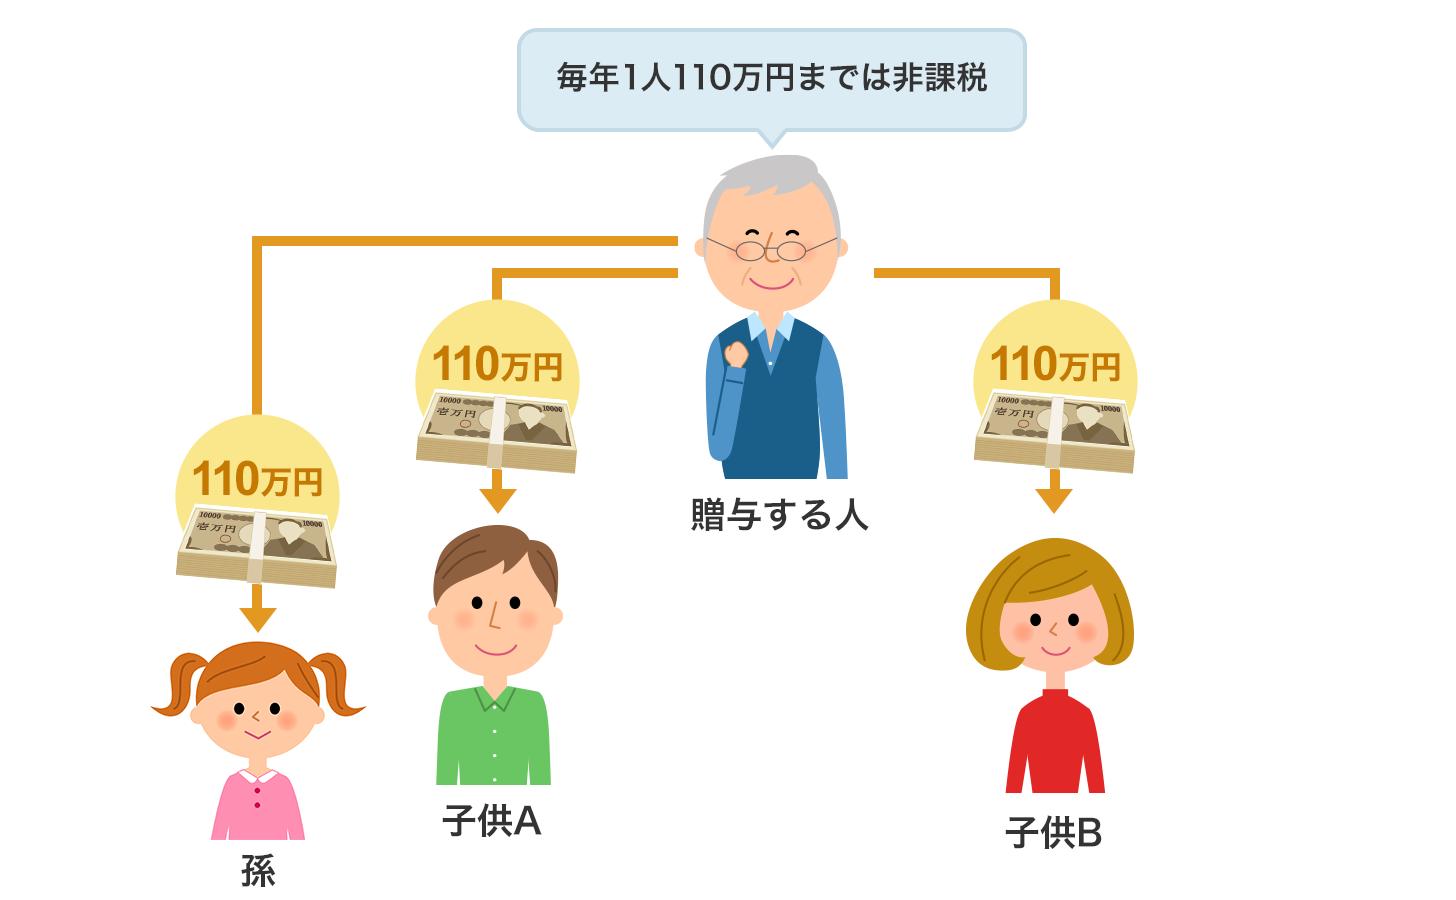 贈与を受けた人1人あたり1年につき110万円までは非課税